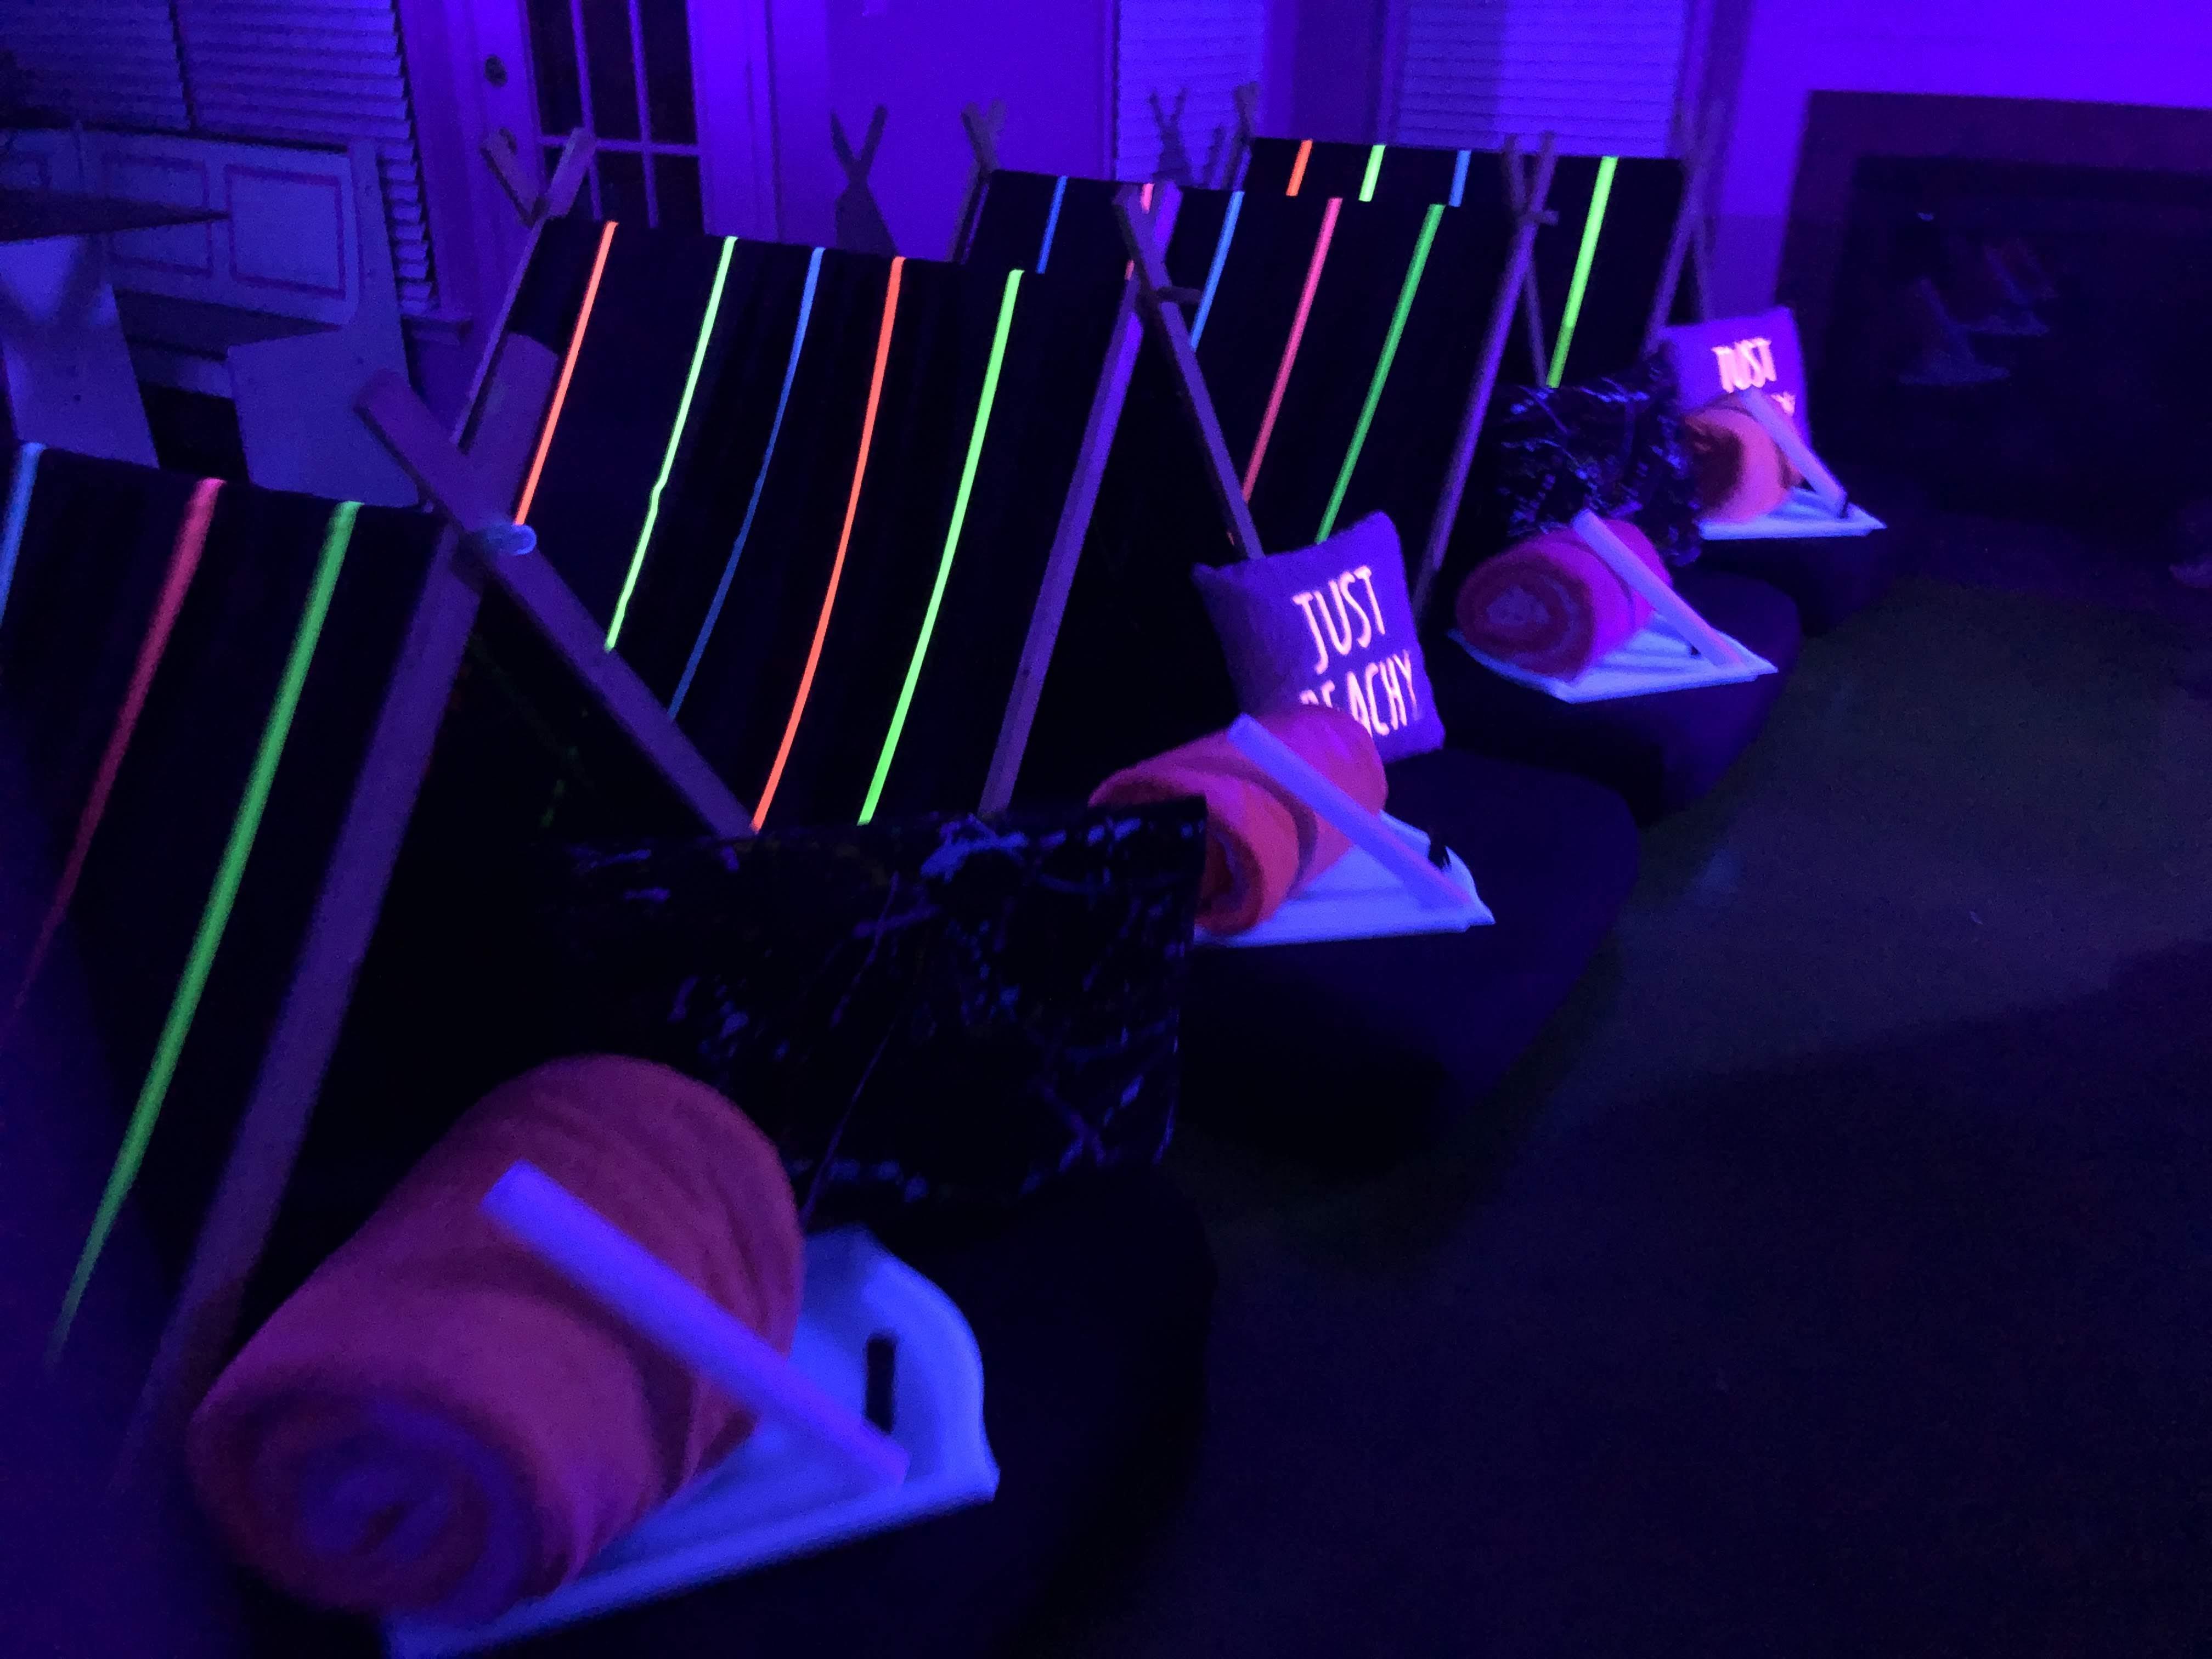 Glow Sleepover Party